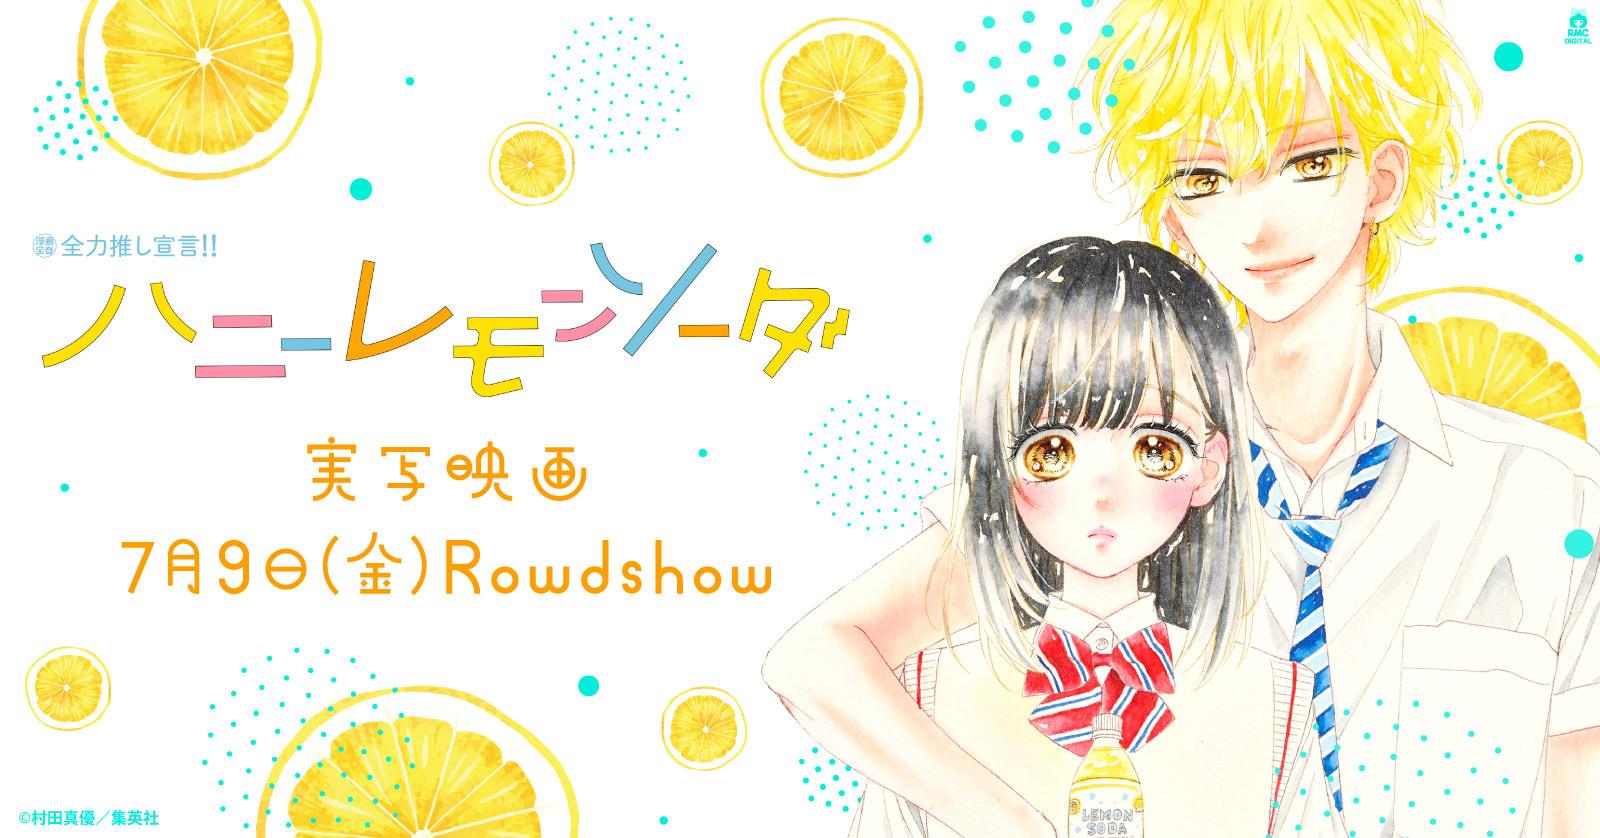 【全力推し宣言!!】『ハニーレモンソーダ』特集ページ